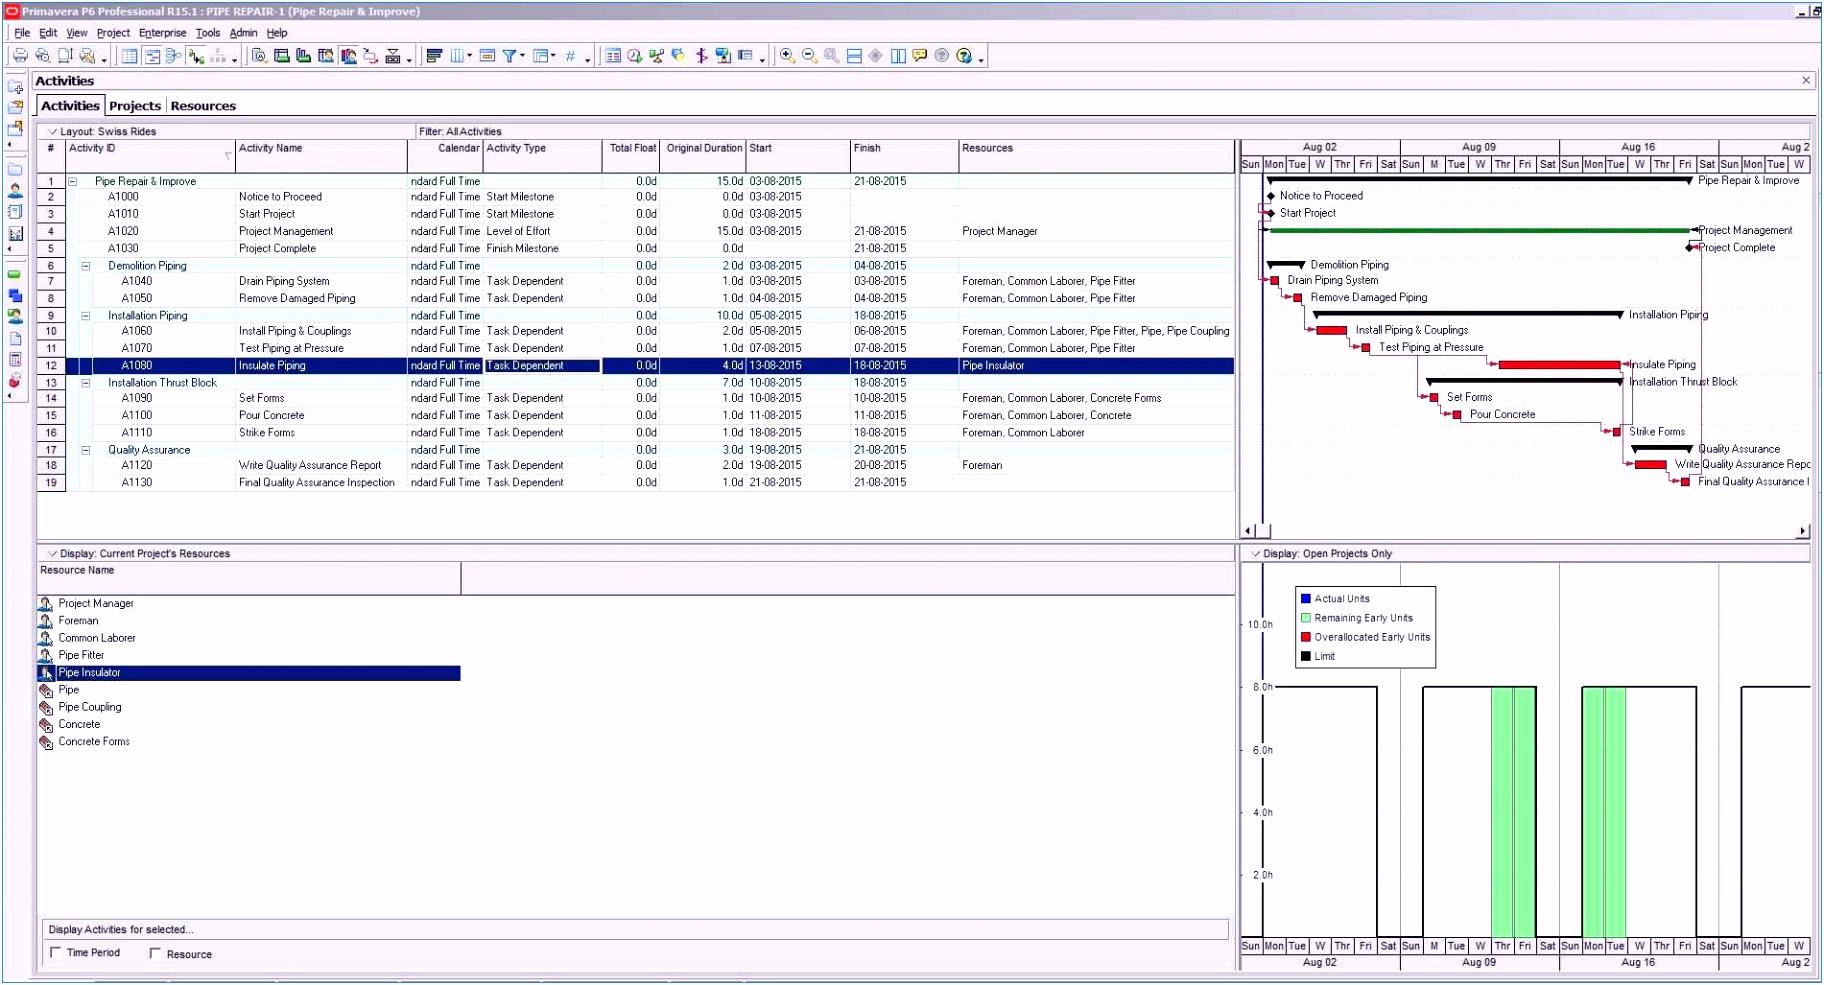 Reisekostenabrechnung Excel Vorlage Kostenlos Excel formular Vorlage Das Beste Von Vorlagen Excel Skizze U5yz55ktb1 J6iuuub5ku